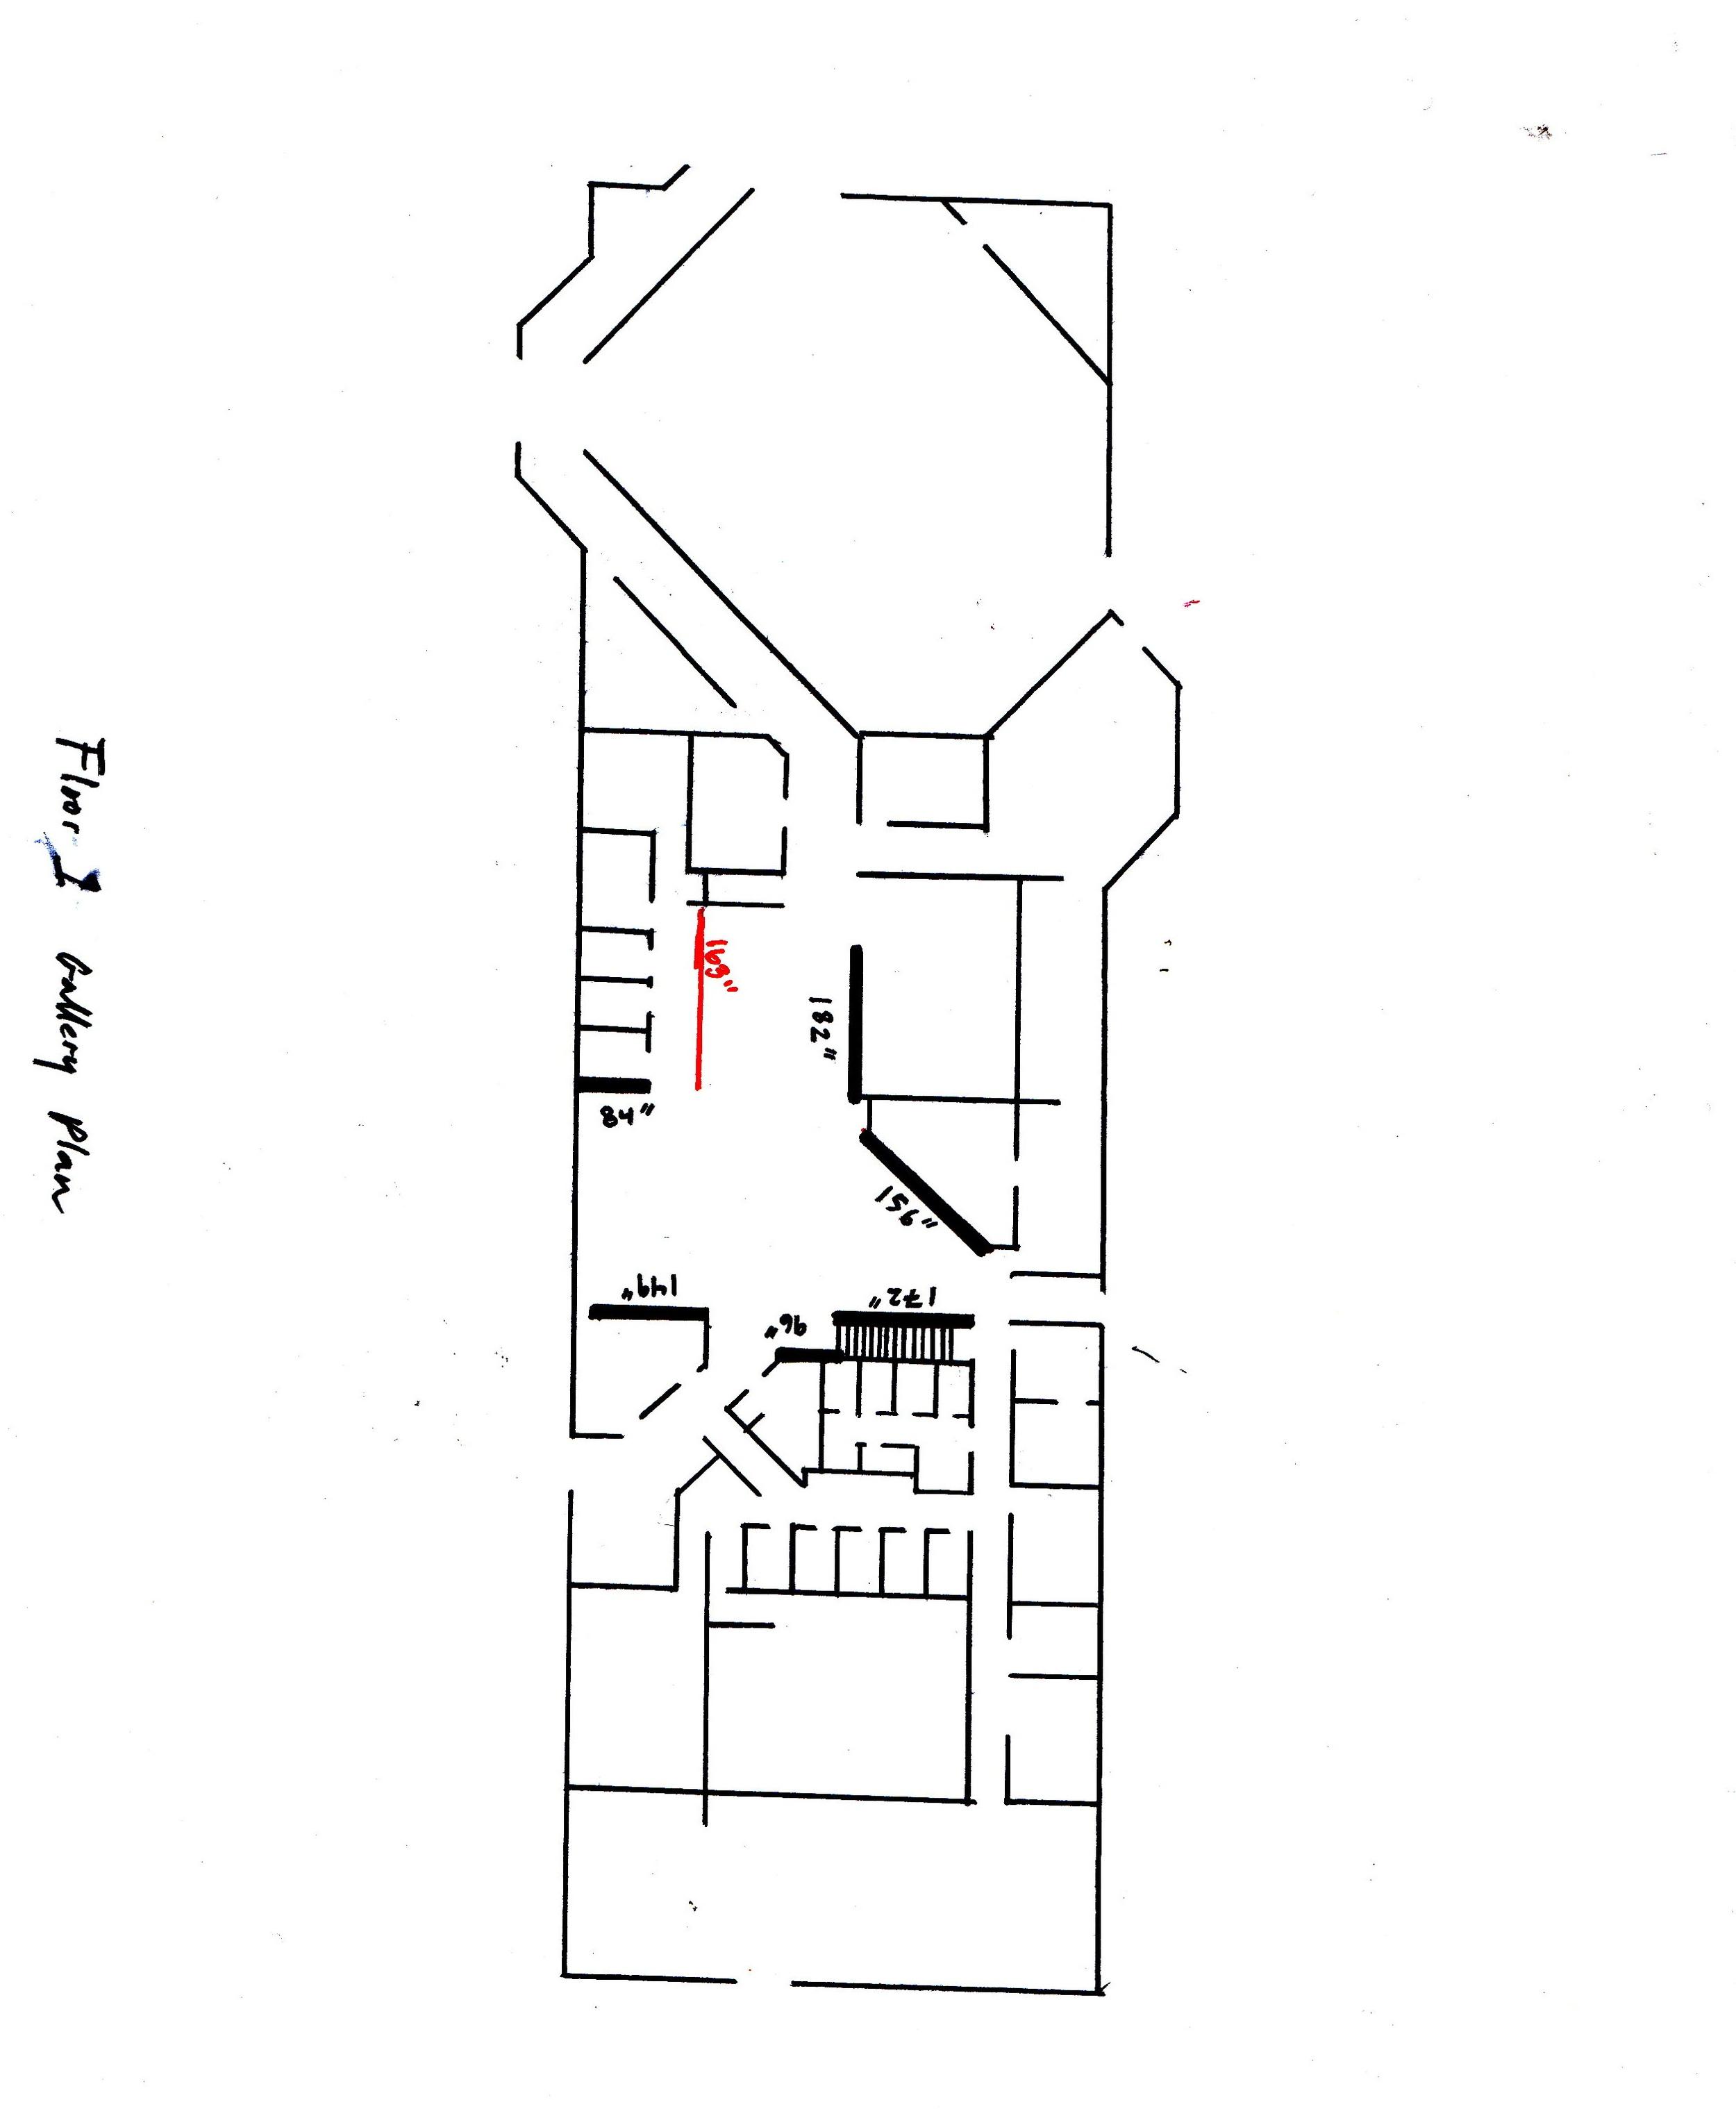 Media Center Floor Plan2.jpg